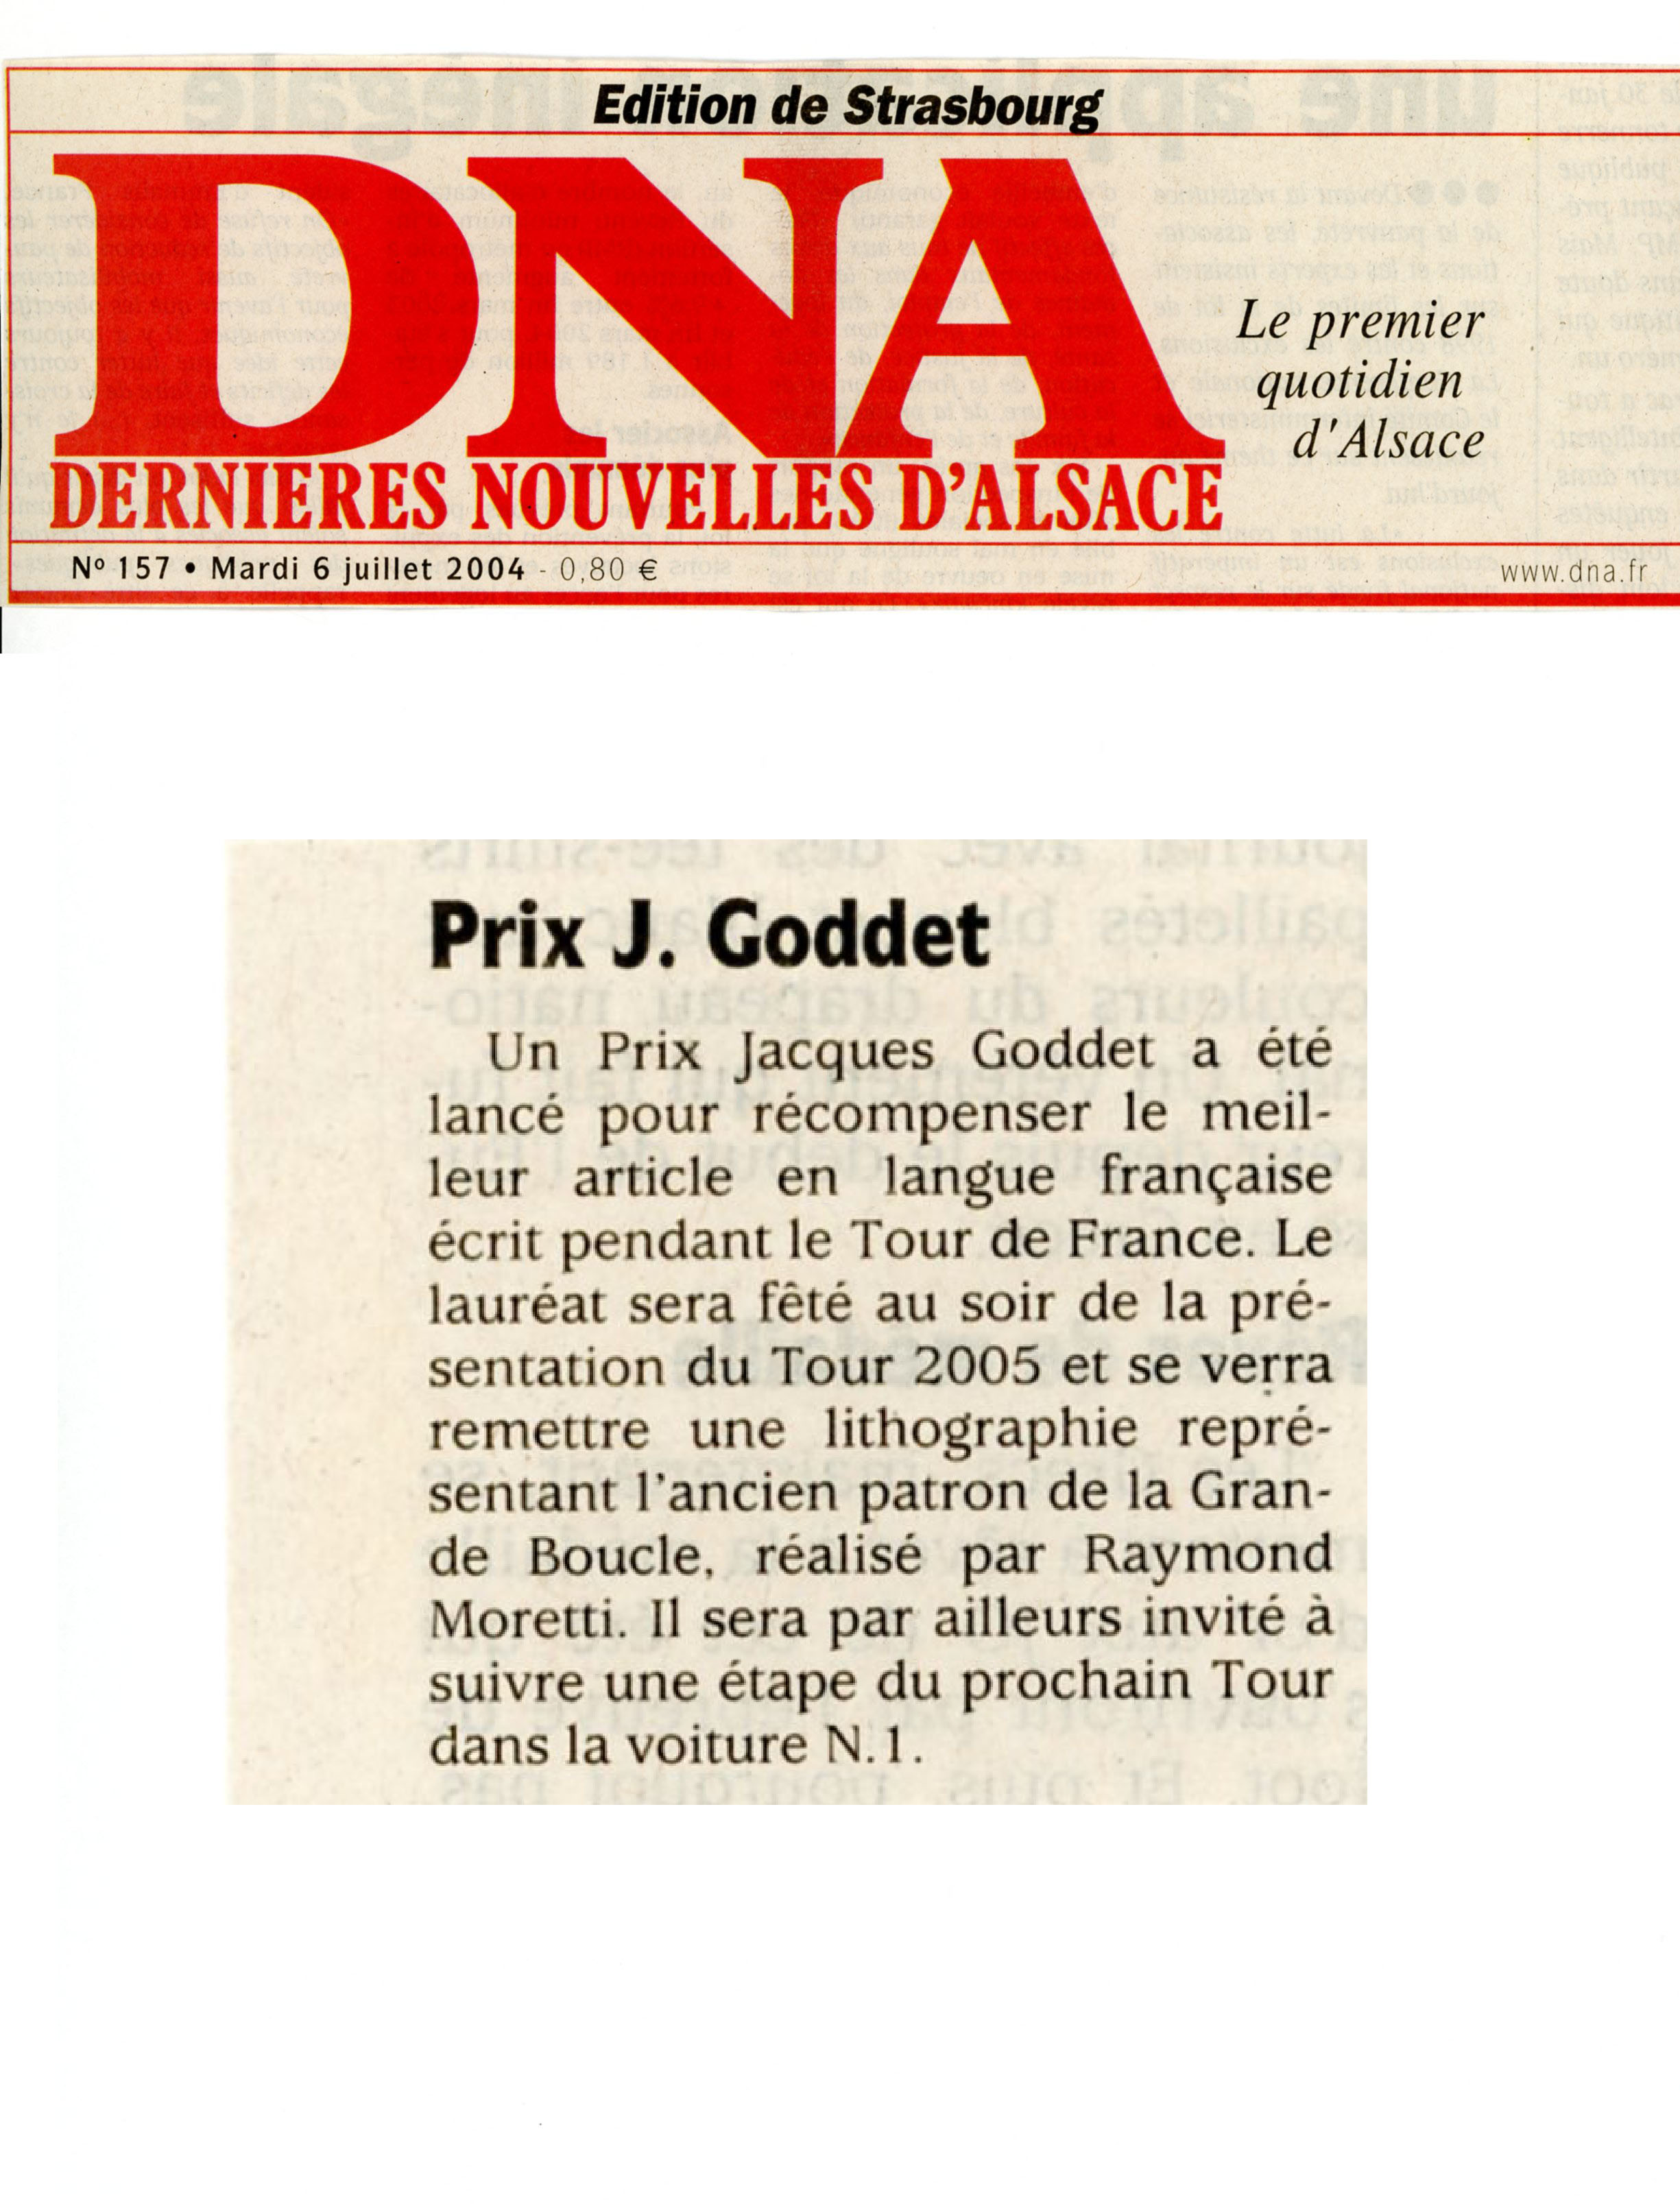 DNA - Prix Jacques-Goddet - mardi 6 juillet 2004